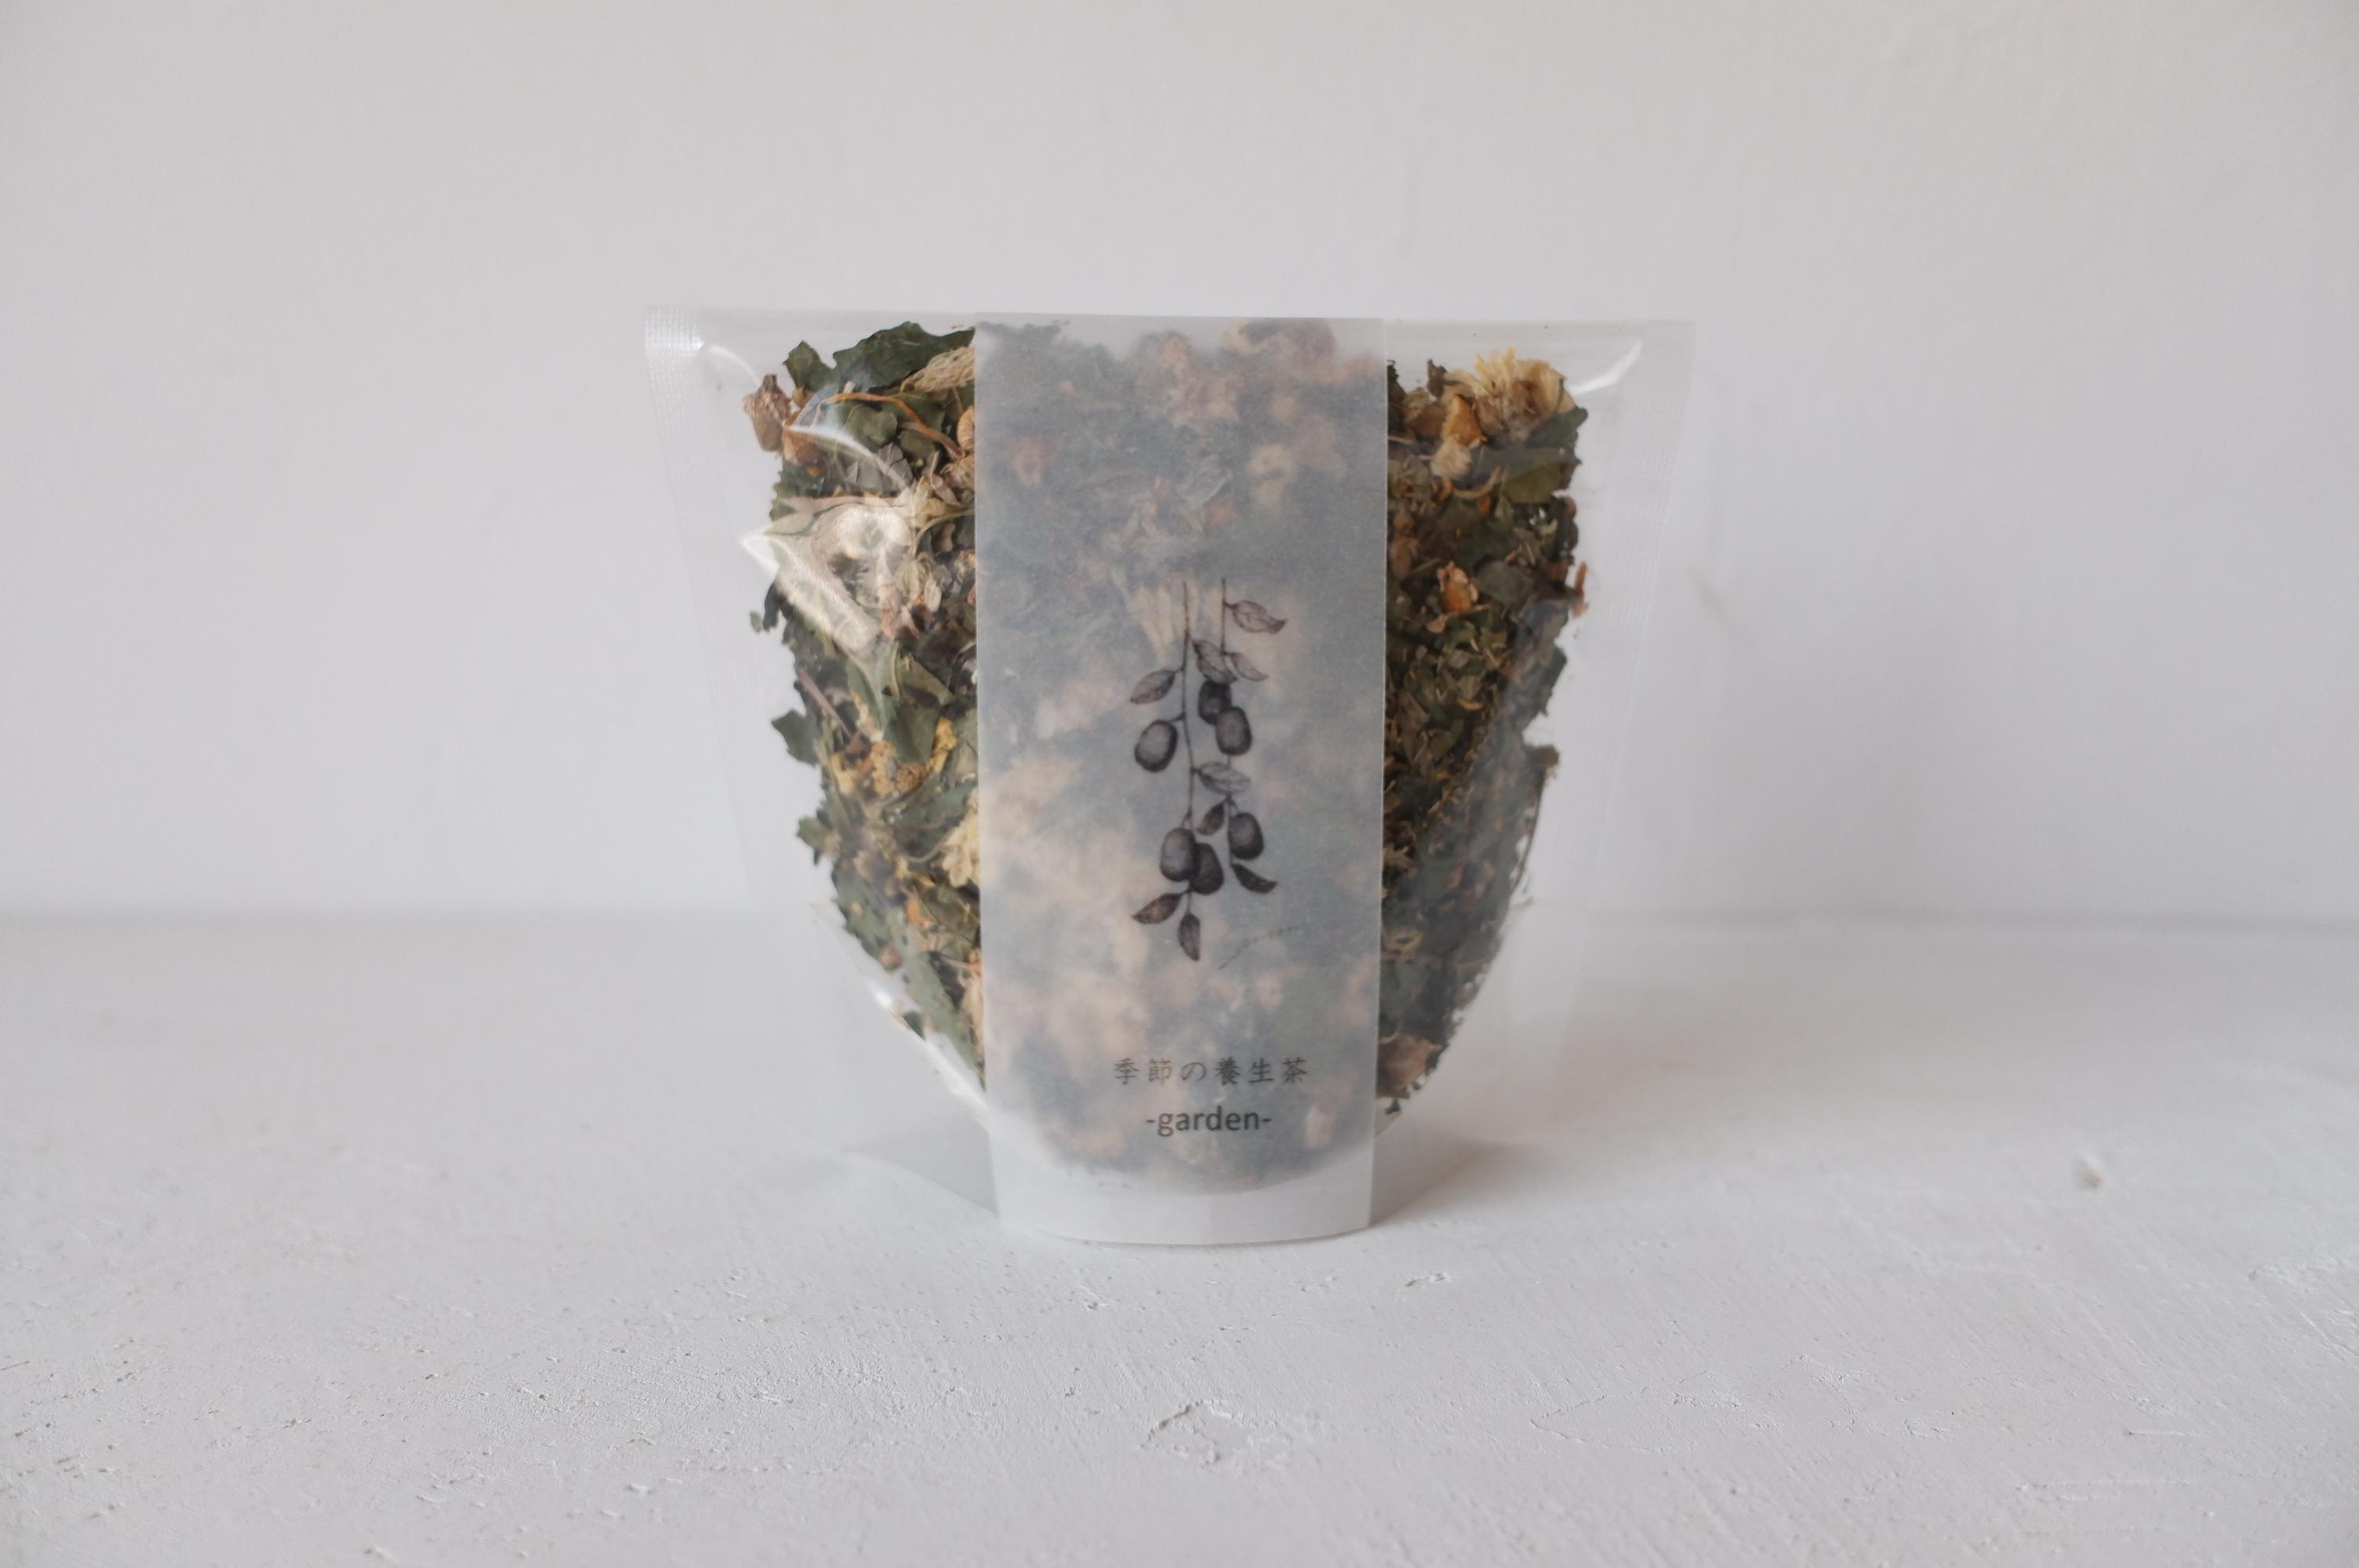 草々 sousou 季節の養生茶 〈 garden 〉 40g